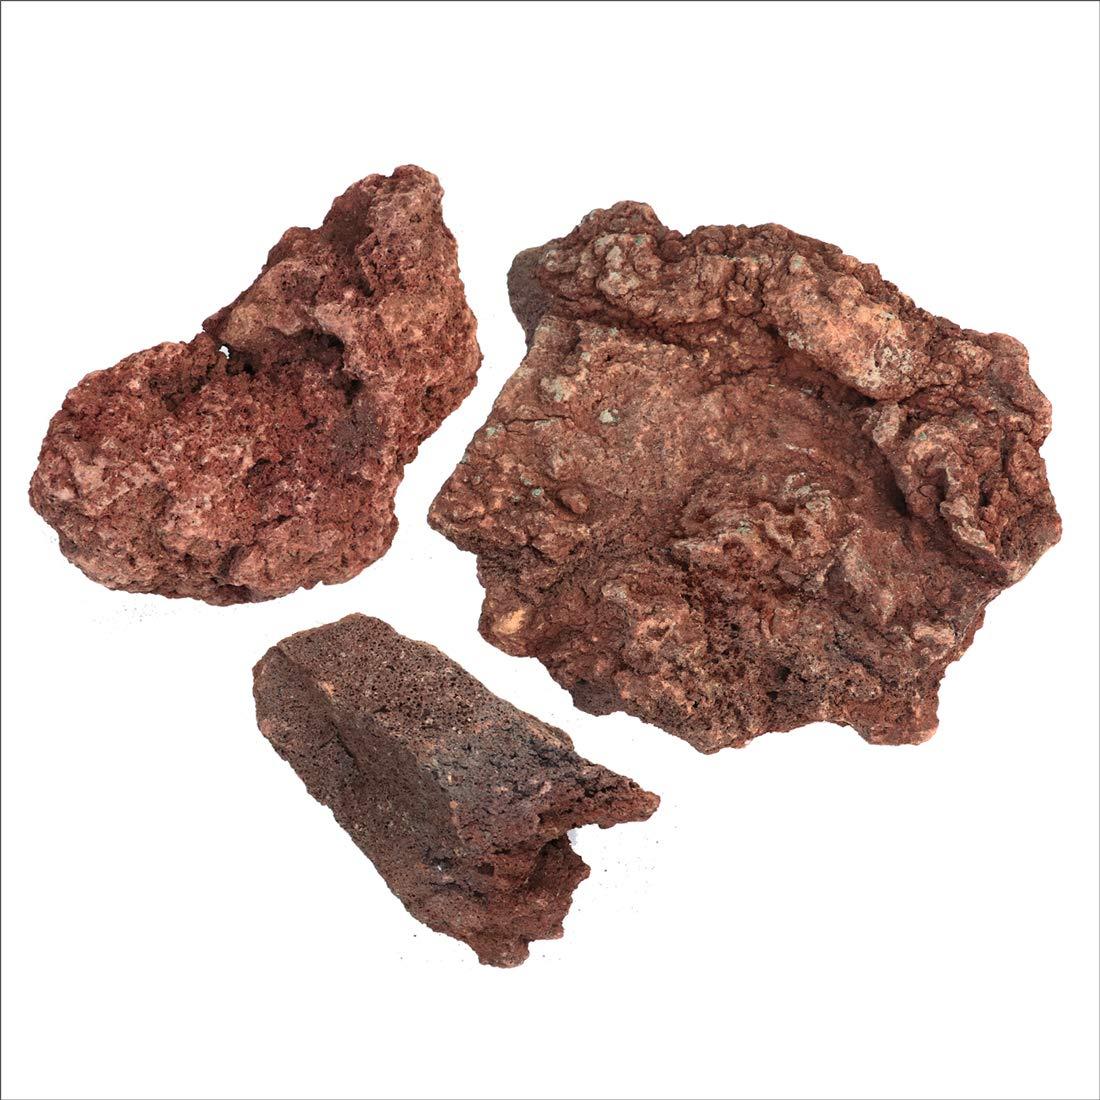 溶岩石 レッド 150-300mm 300kg以上(10kg×30箱セット) B01I2F6904  300kg